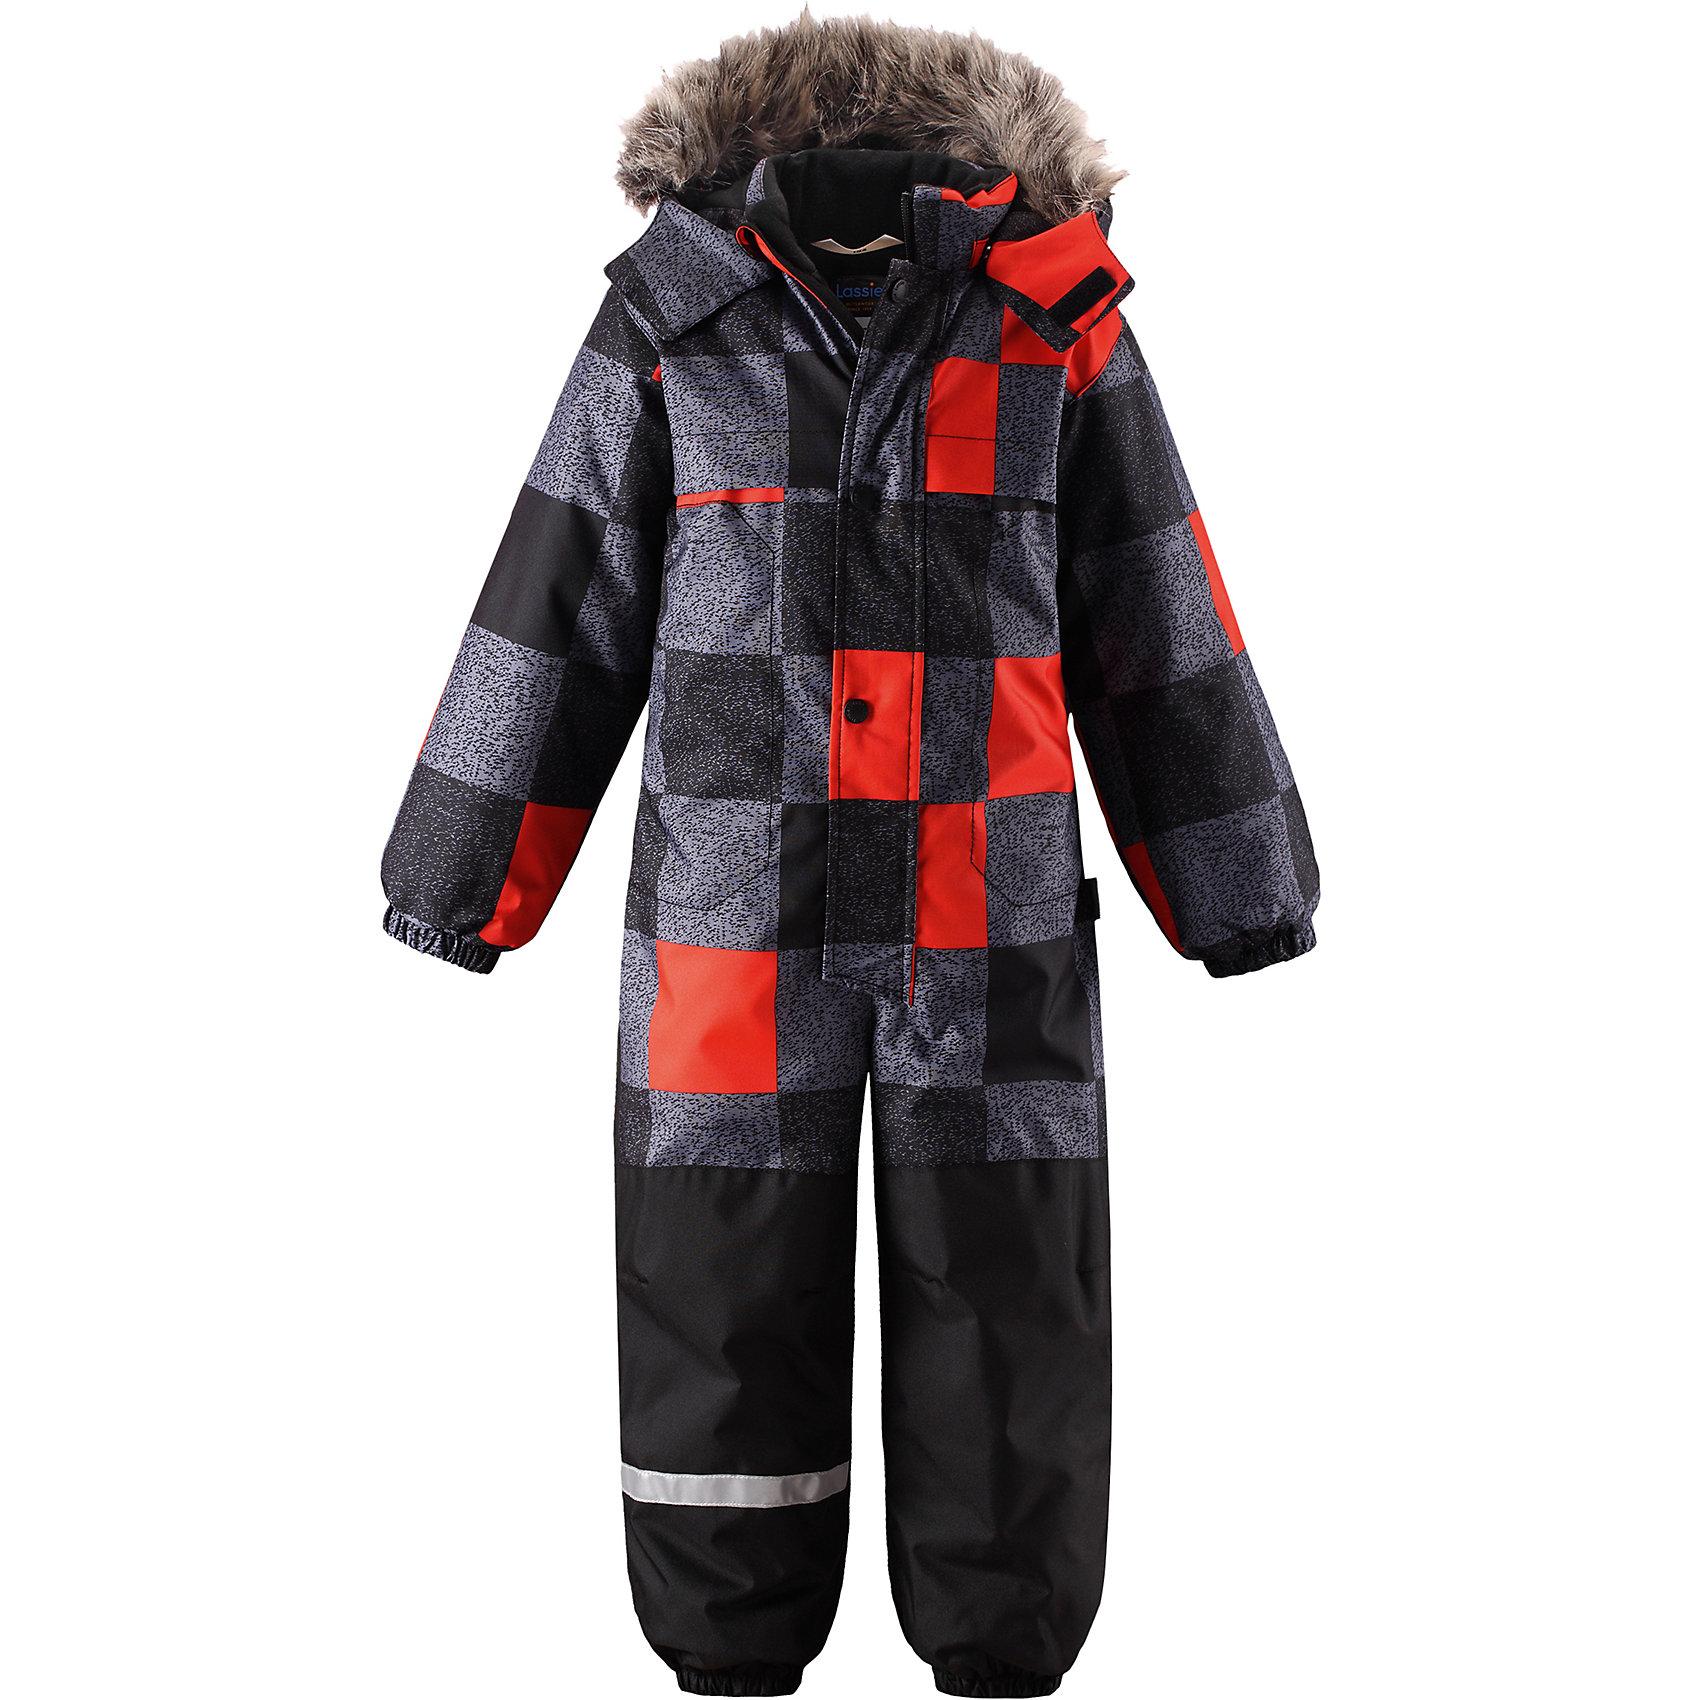 Комбинезон Lassie для мальчикаОдежда<br>Характеристики товара:<br><br>• цвет: серый/оранжевый;<br>• состав: 100% полиэстер, полиуретановое покрытие;<br>• подкладка: 100% полиэстер;<br>• утеплитель: 180 г/м2;<br>• сезон: зима;<br>• температурный режим: от 0 до -20С;<br>• водонепроницаемость: 1000 мм;<br>• воздухопроницаемость: 1000мм;<br>• износостойкость: 50000 циклов (тест Мартиндейла)<br>• застежка: молния с дополнительной защитной планкой на кнопках;<br>• водоотталкивающий, ветронепроницаемый и дышащий материал;<br>• задний серединный шов проклеен;<br>• гладкая подкладка из полиэстера;<br>• безопасный съемный капюшон; <br>• съемный искусственный мех на капюшоне;<br>• эластичная талия, манжеты рукавов и низ штанин;<br>• съемные эластичные штрипки;<br>• боковые карманы на липучках;<br>• светоотражающие детали;<br>• страна бренда: Финляндия;<br>• страна изготовитель: Китай;<br><br>Зимний комбинезон на молнии изготовлен из сверхпрочного материала, поэтому совершенно незаменим для всех активных и отважных зимних героев! Съемный капюшон безопасен и практичен, а карманы на липучках сохранят ключи от дома в целости и сохранности! Светоотражающие элементы на рукавах и брючинах позволяют лучше разглядеть ребенка в темноте, а благодаря удобным штрипкам концы брючин не будут задираться, сколько бы ребенок ни бегал!<br><br>Комбинезон Lassie (Ласси) для мальчика можно купить в нашем интернет-магазине.<br><br>Ширина мм: 356<br>Глубина мм: 10<br>Высота мм: 245<br>Вес г: 519<br>Цвет: черный<br>Возраст от месяцев: 24<br>Возраст до месяцев: 36<br>Пол: Мужской<br>Возраст: Детский<br>Размер: 98,104,110,116,122,128,92<br>SKU: 6927415